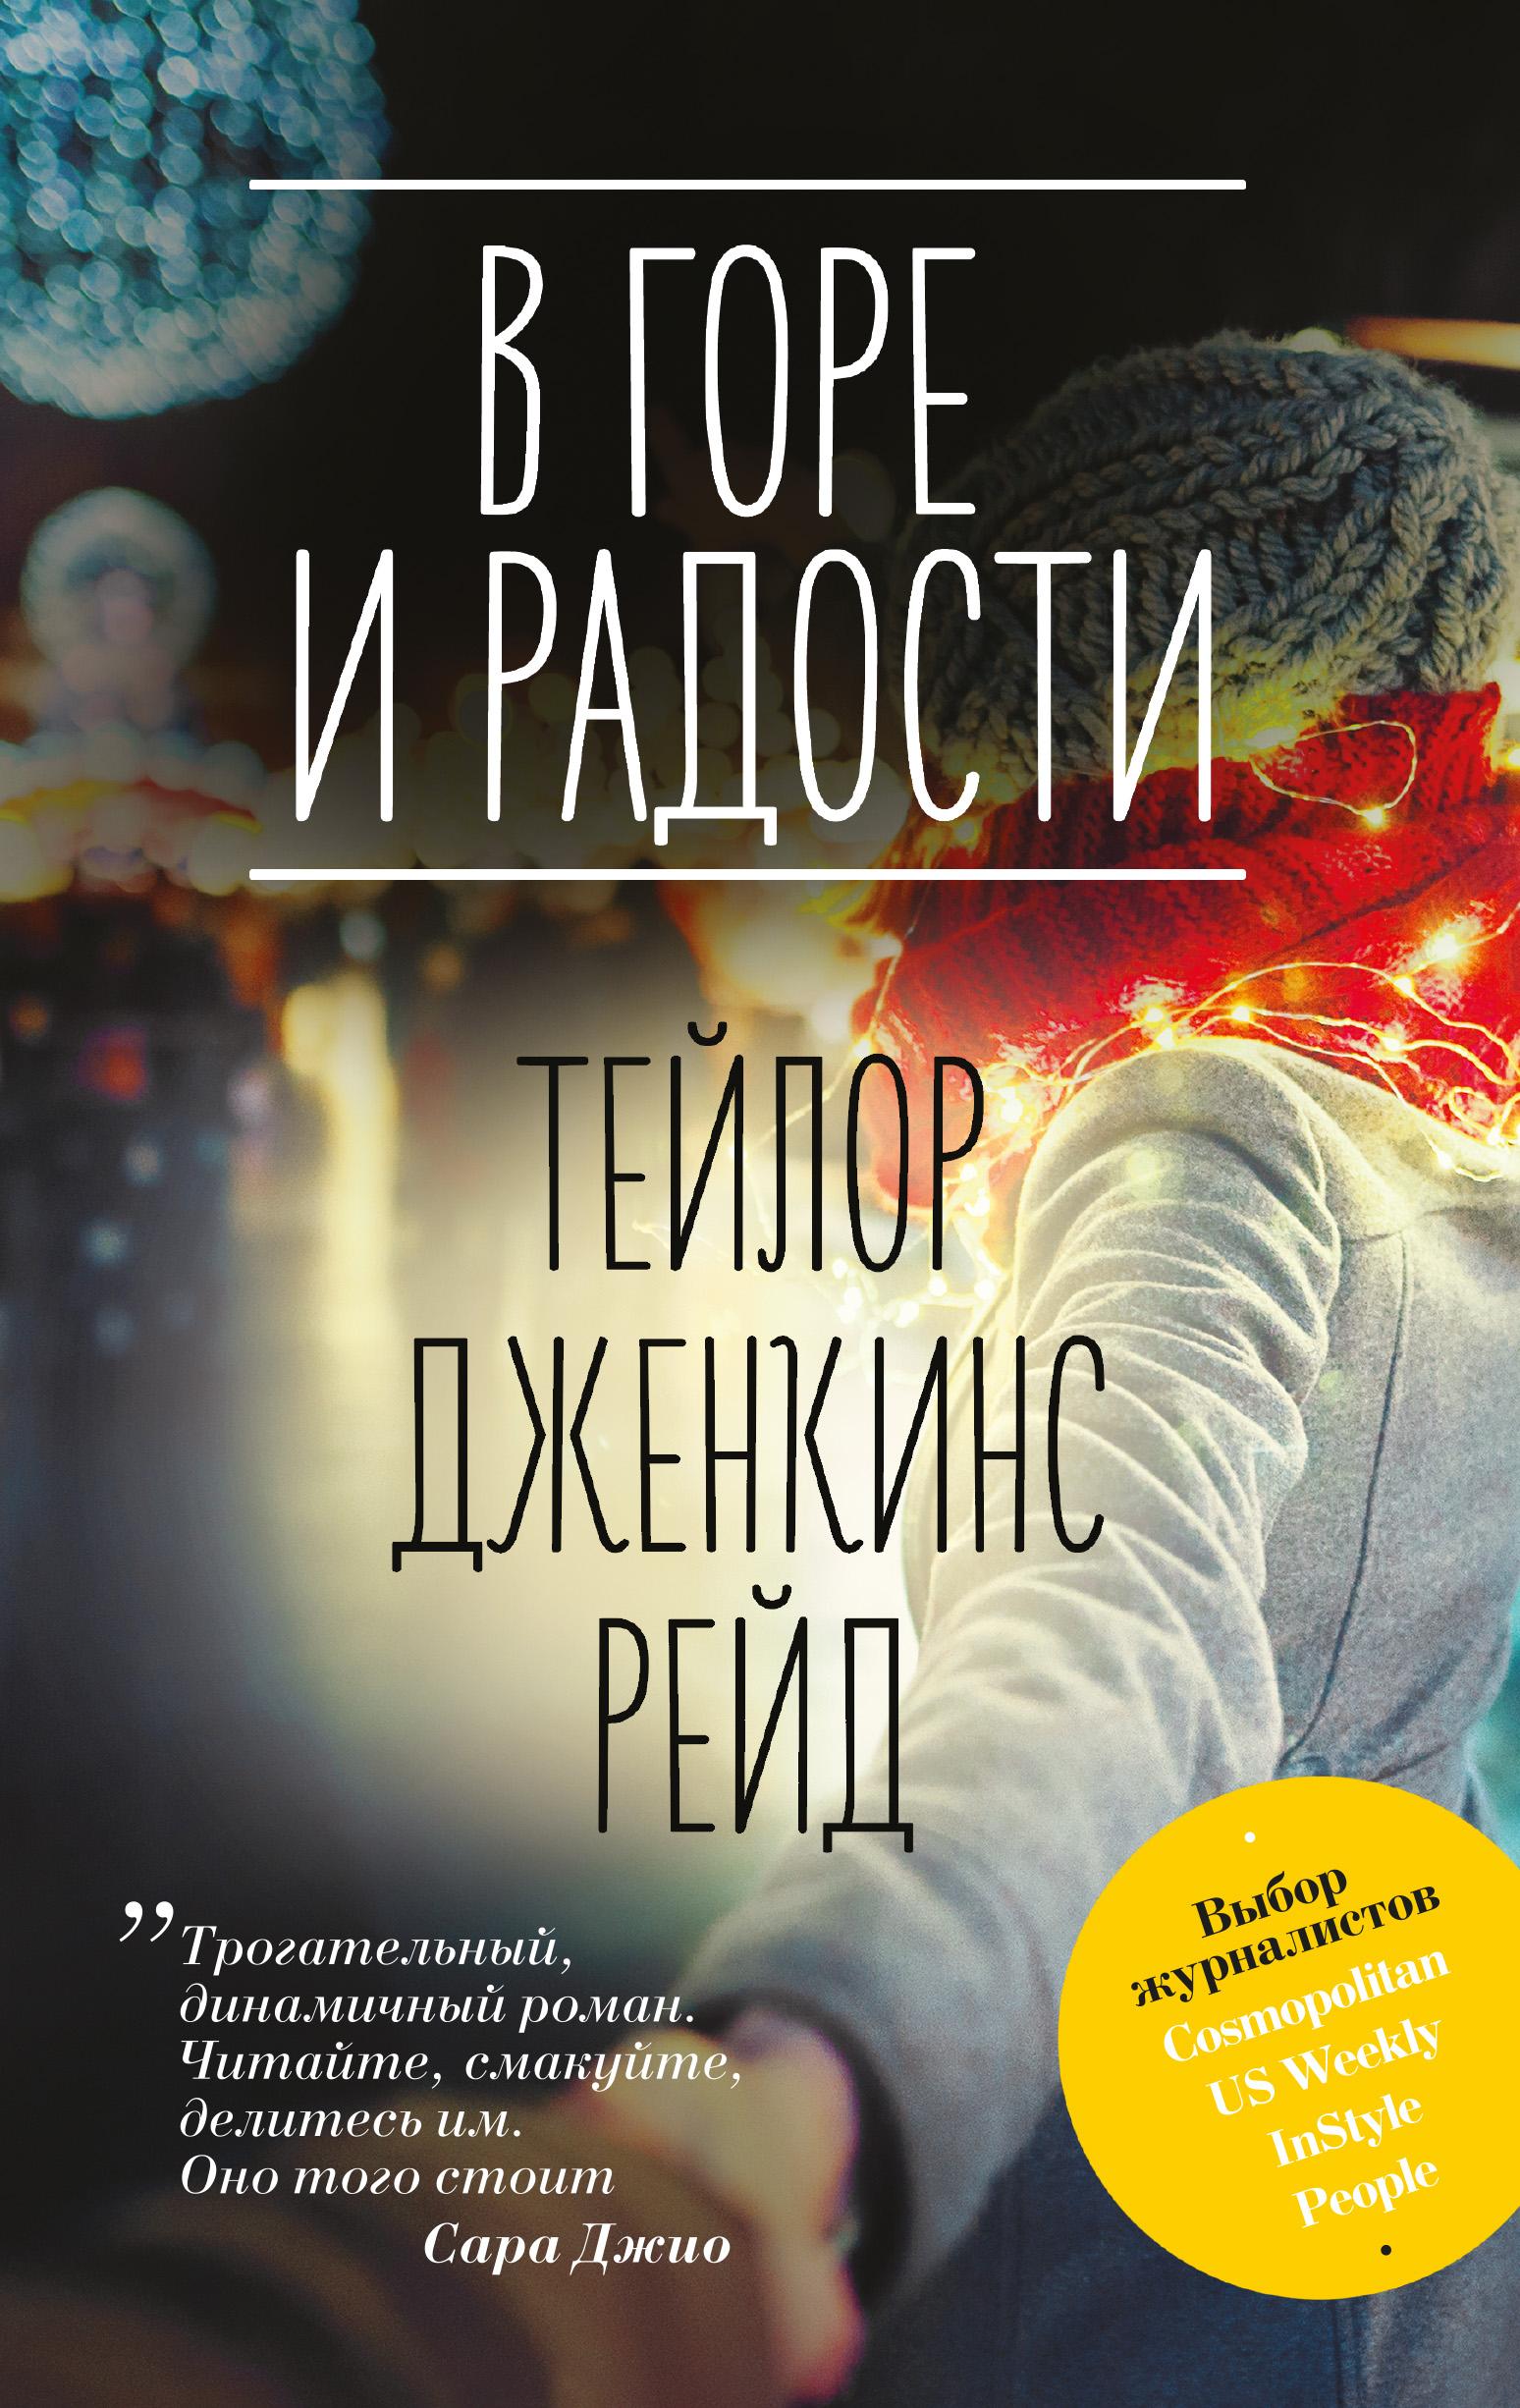 Тейлор Дженкинс Рейд В горе и радости элси колонэл смит после дождя появится радуга роман